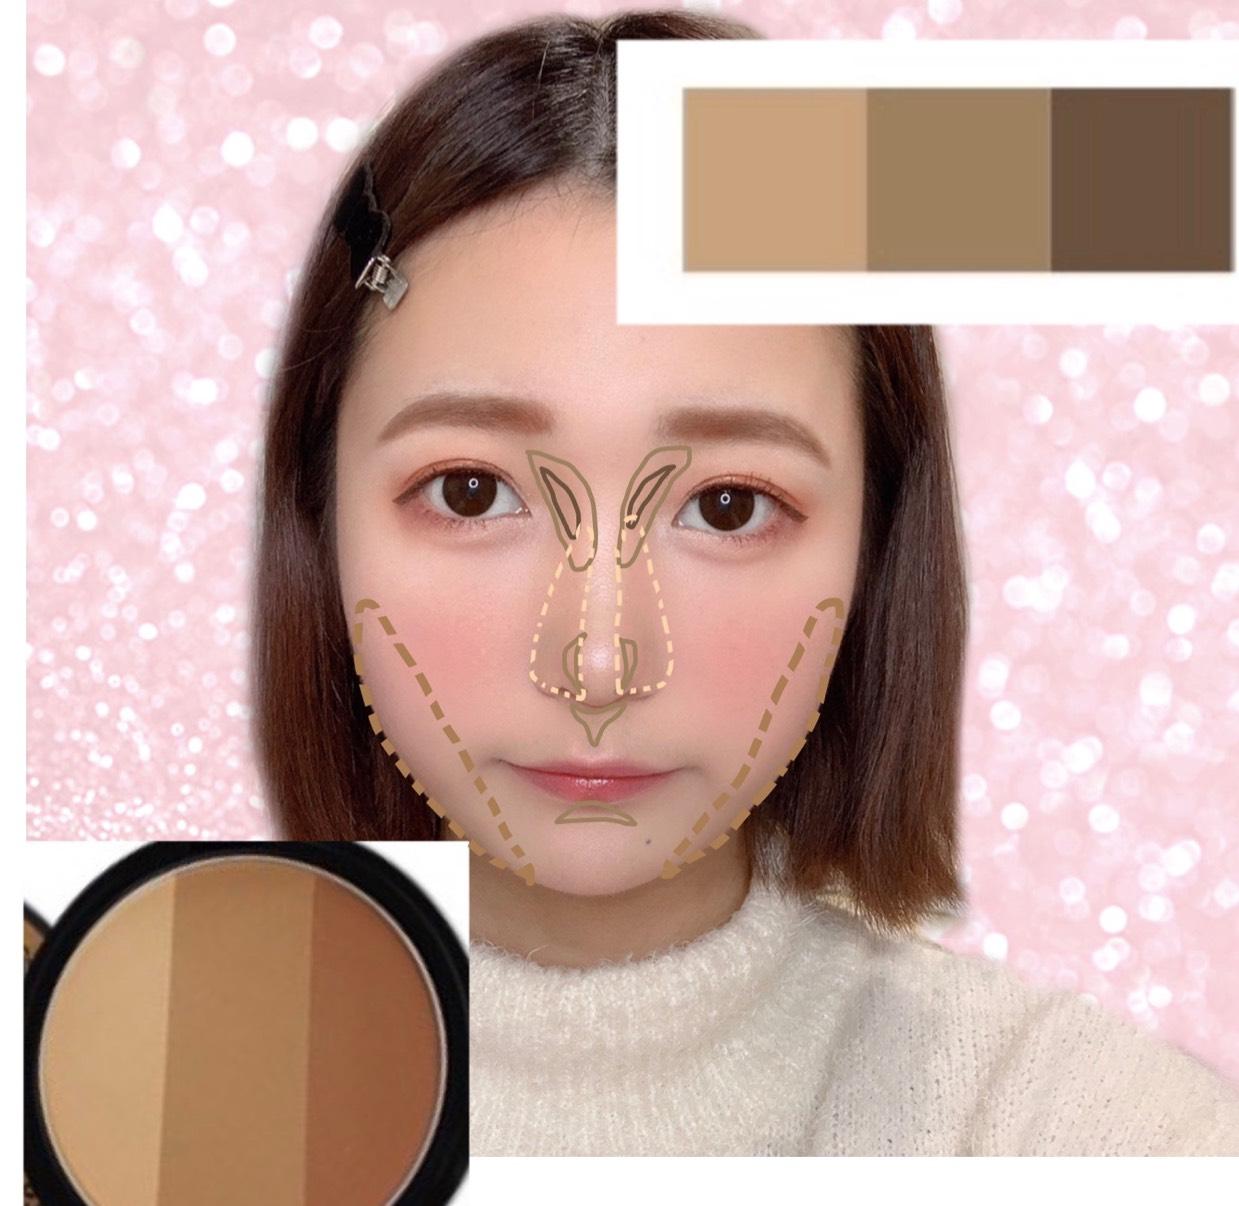 シェーディング / ノーズシャドウは画像のように。 ノーズシャドウの塗る色順は 真ん中☞左☞右の色で塗ります!  シェーディングは左2色を混ぜて塗ります◎